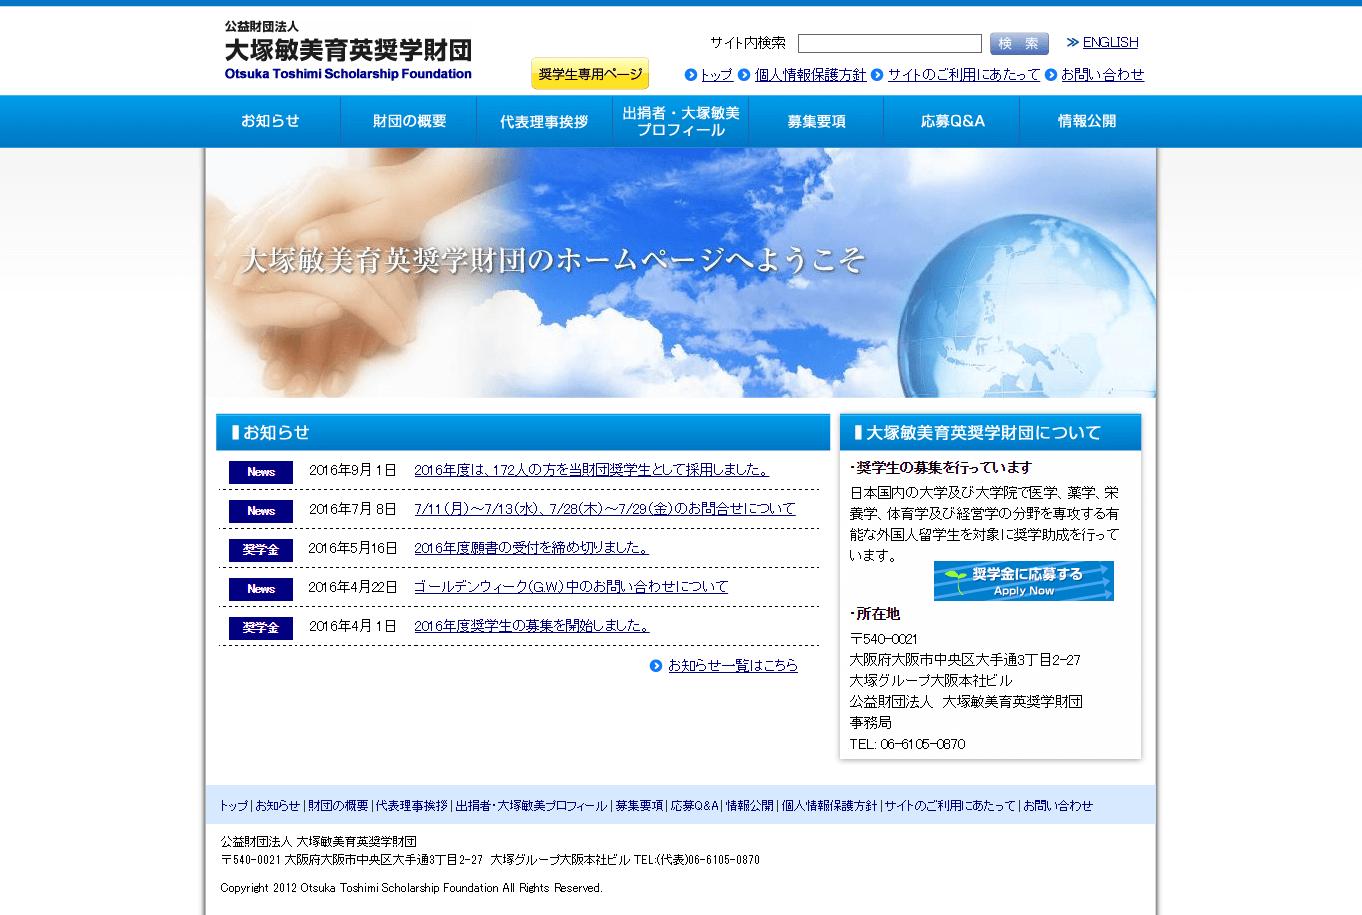 公益財団法人 大塚敏美育英奨学財団スクリーンショット